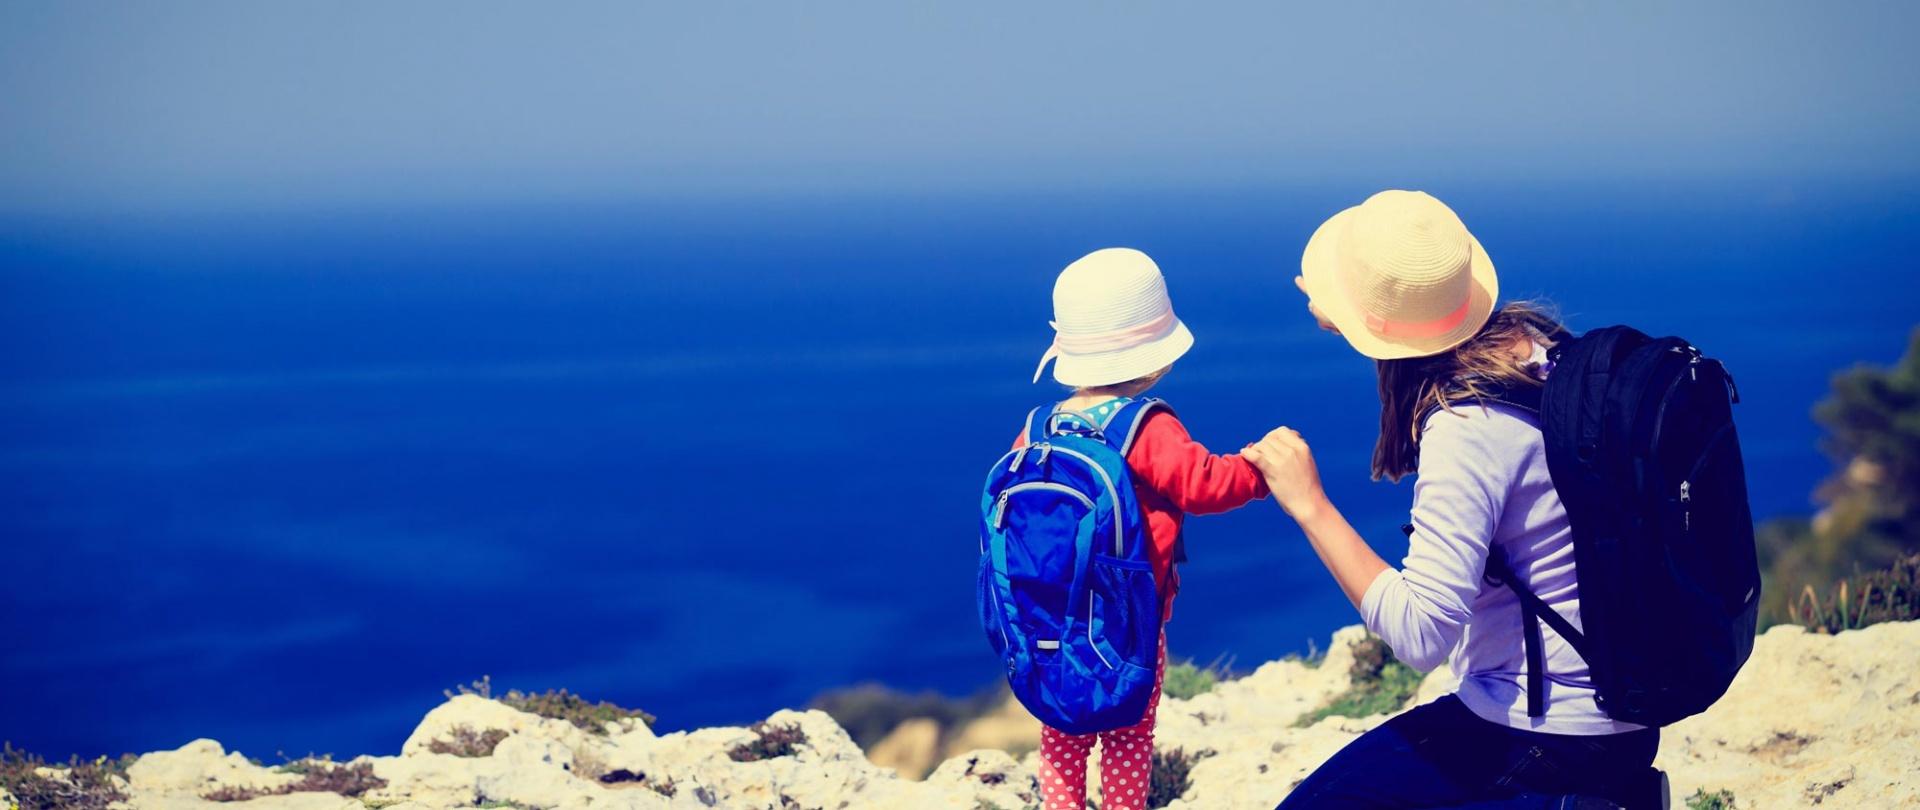 Prochaine Escale-organise-votre-voyage-sur-mesure